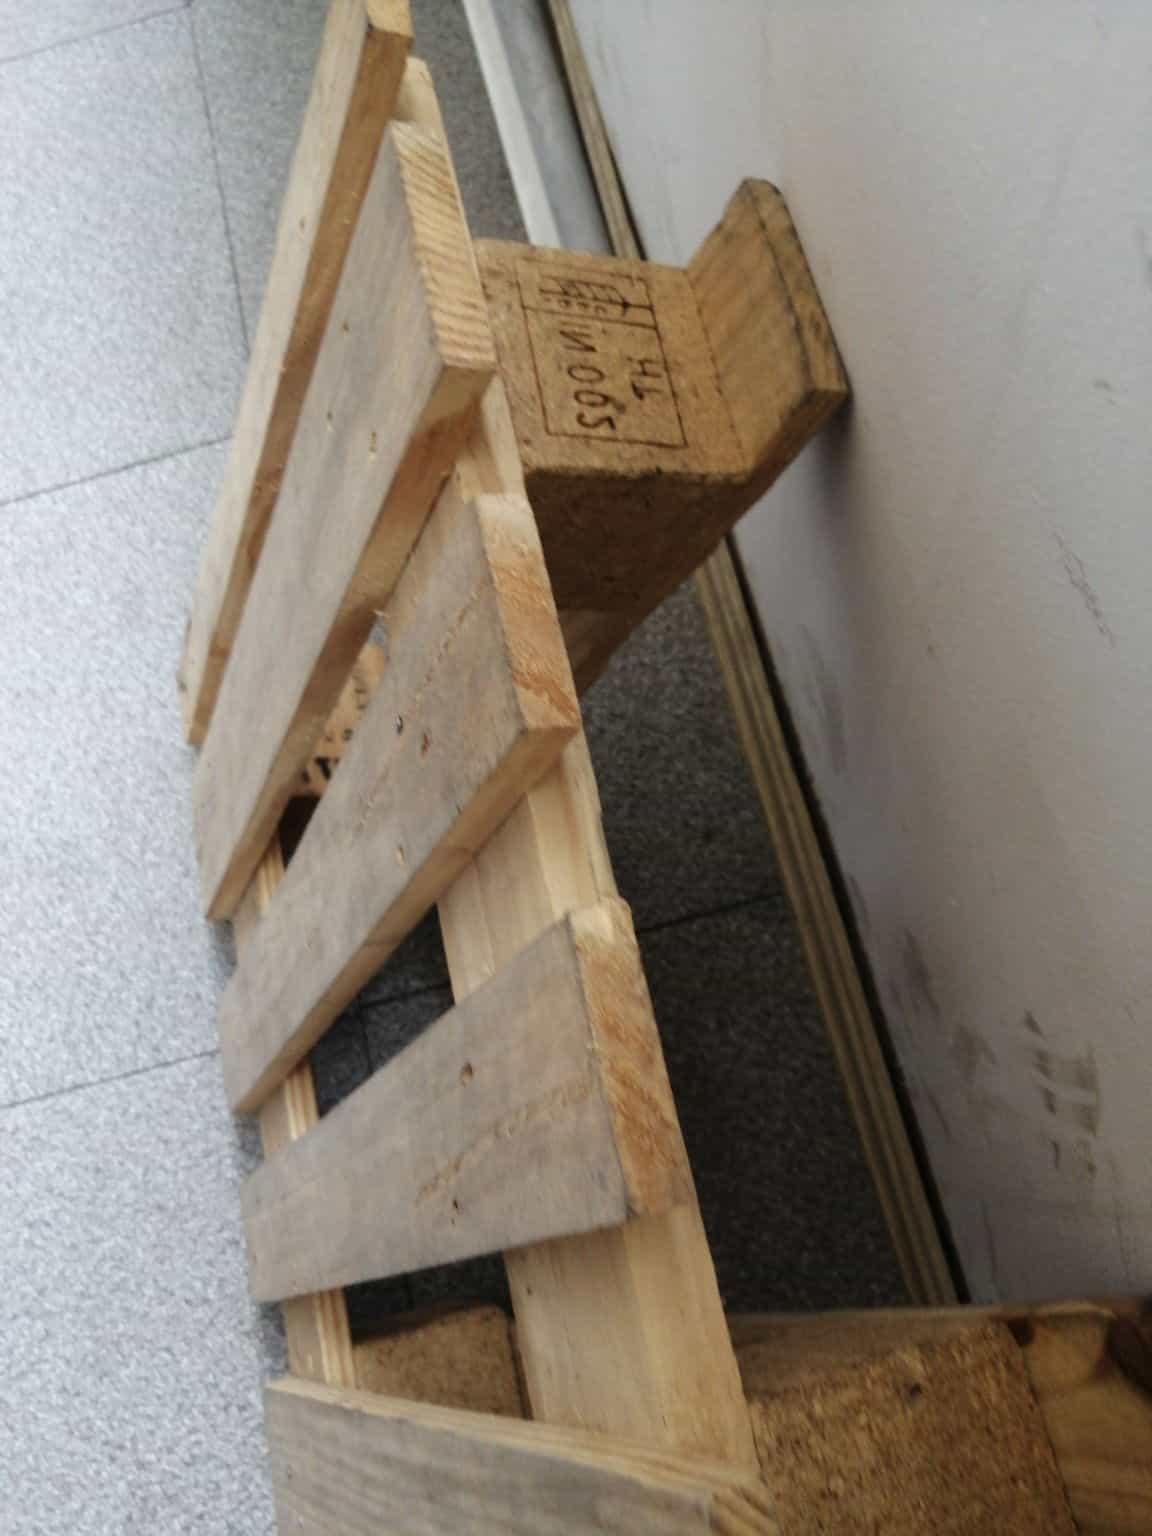 瓦楞紙箱成型廠家-瓦楞紙箱成型廠家、公司、企業